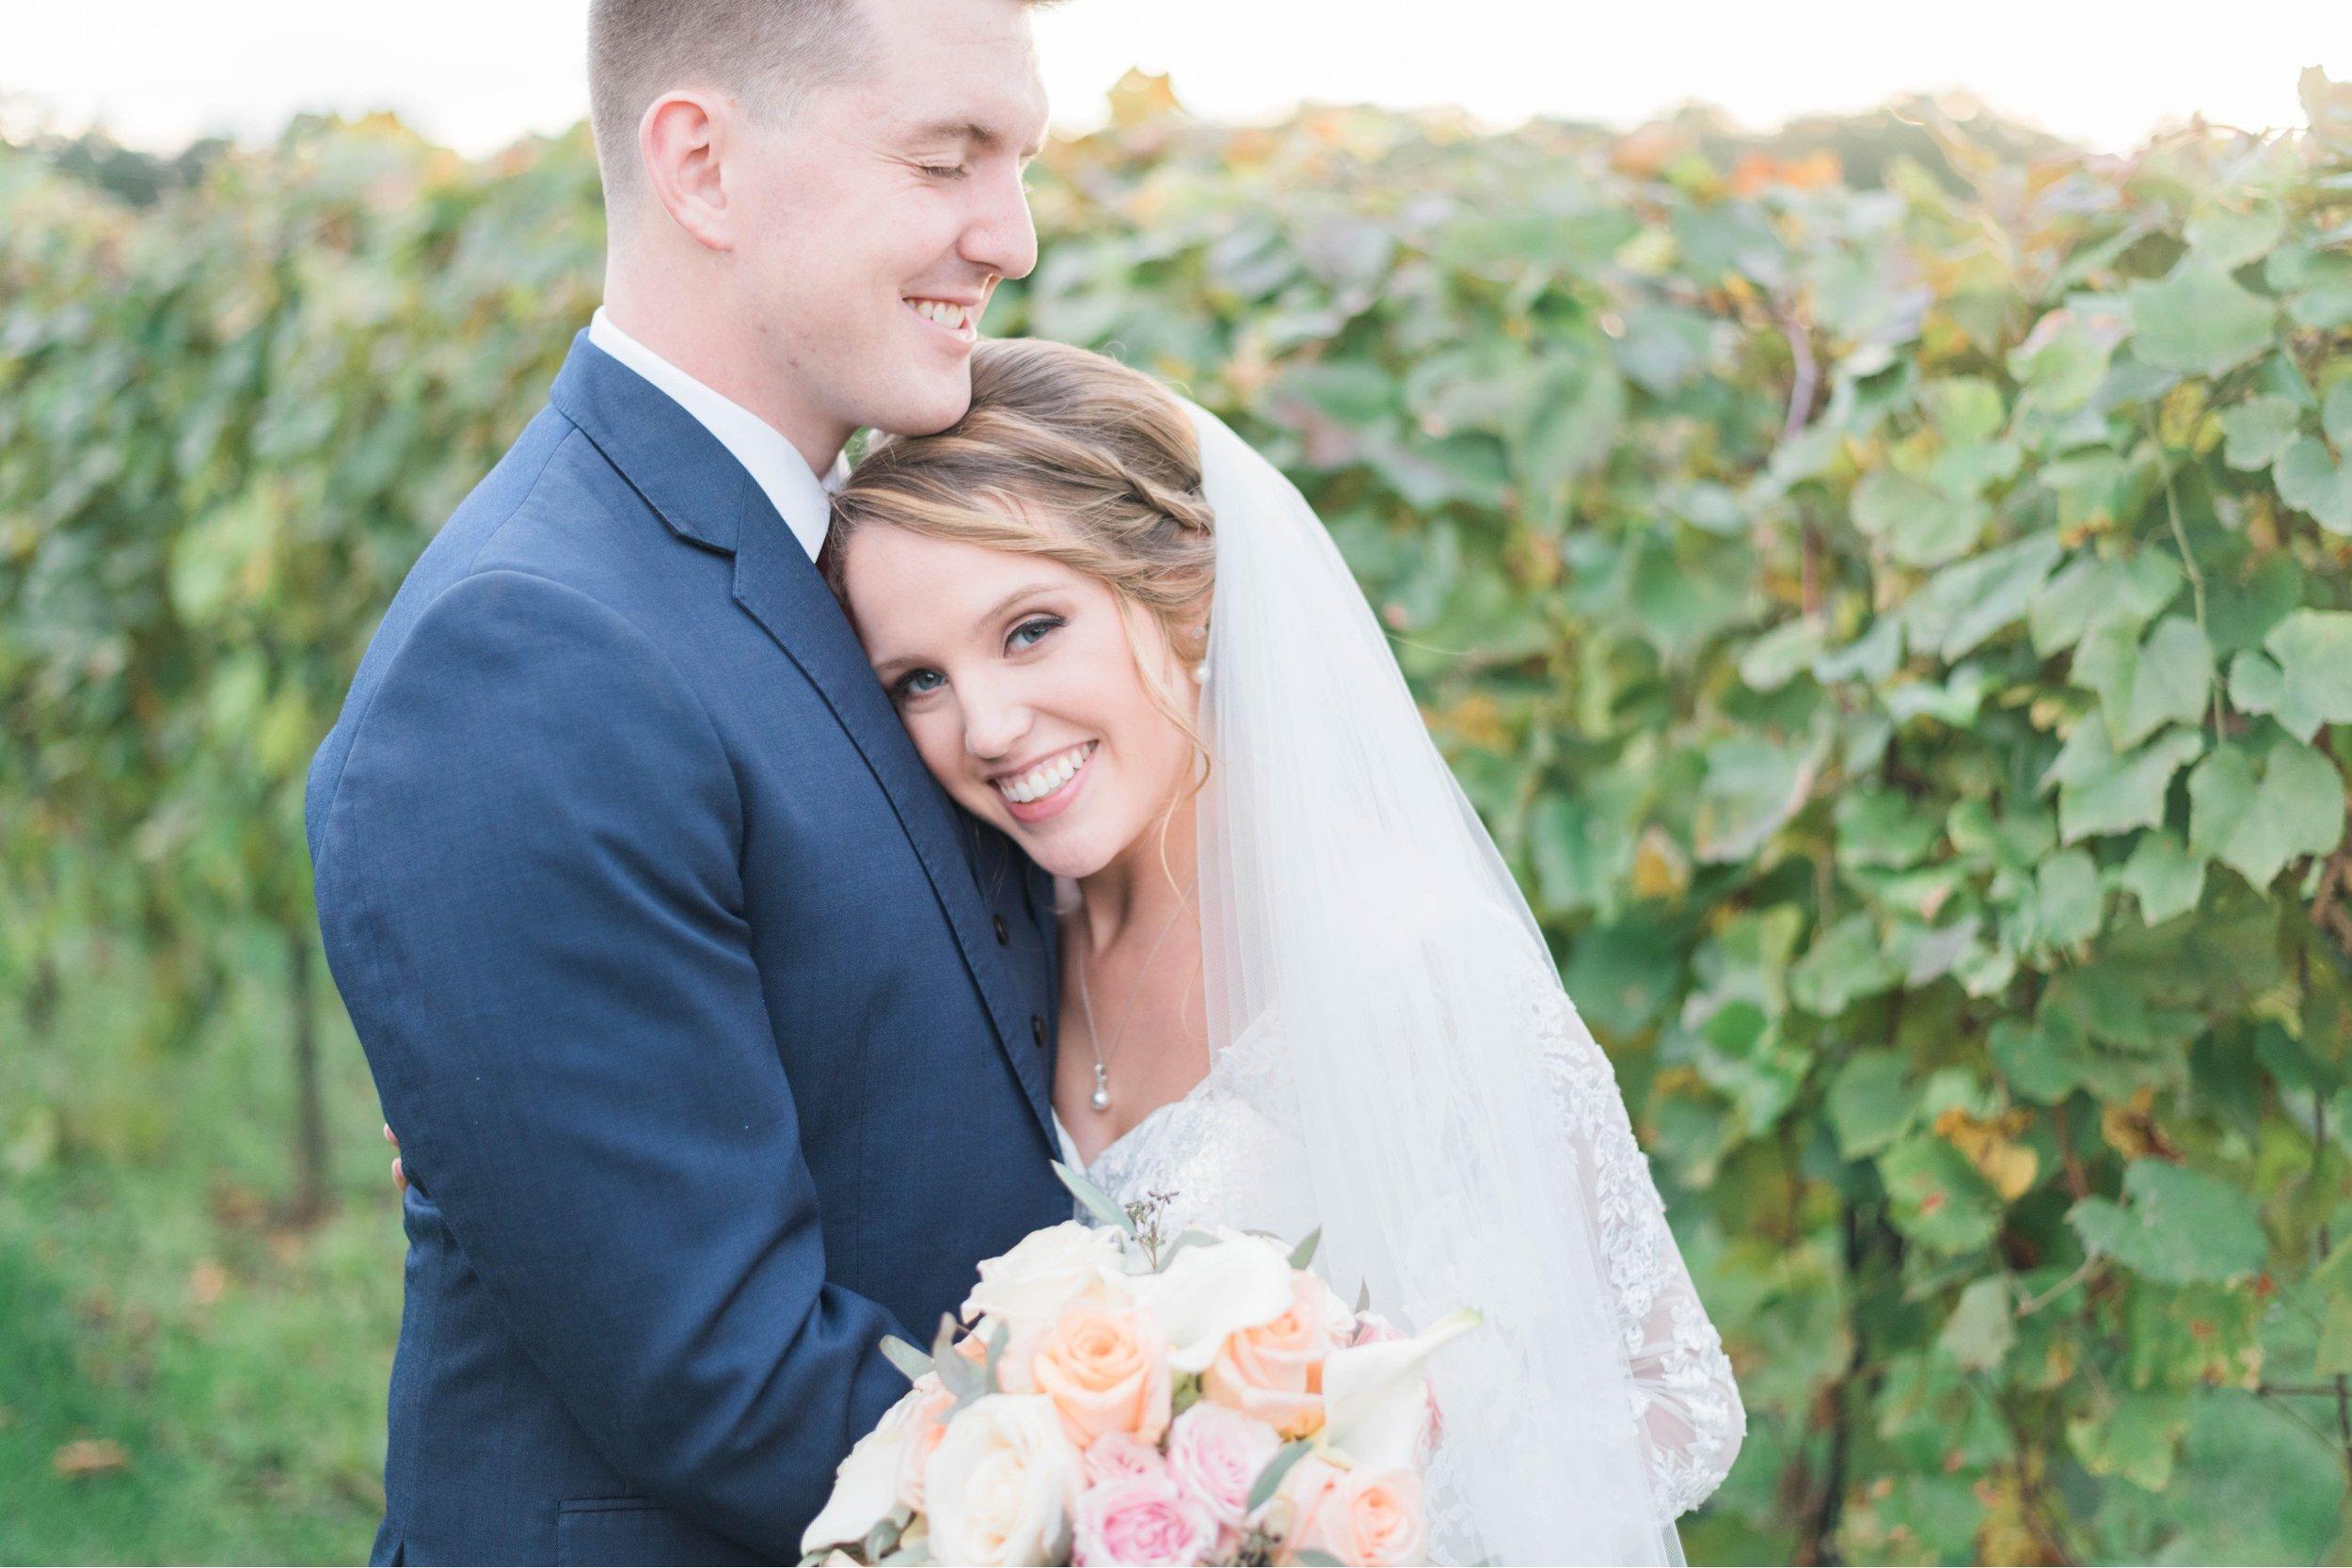 GrantElizabeth_wineryatbullrun_DCwedding_Virginiaweddingphotographer 27.jpg